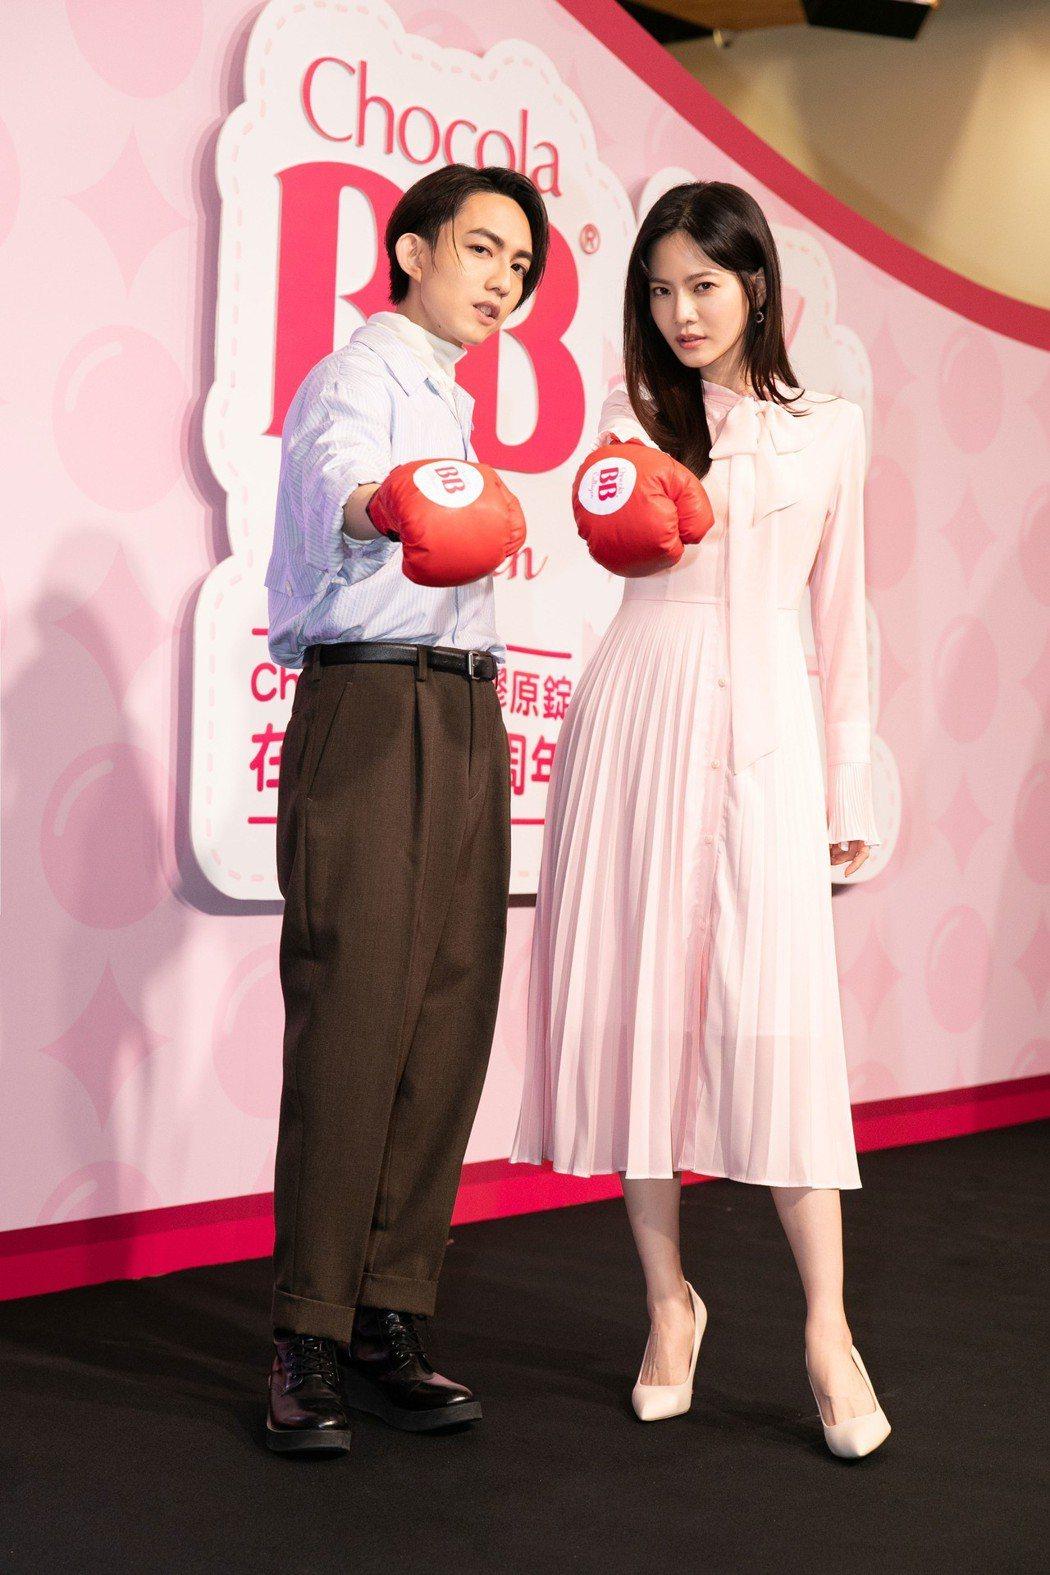 林宥嘉(左)、曾之喬出席保健品活動。圖/Chocola BB提供